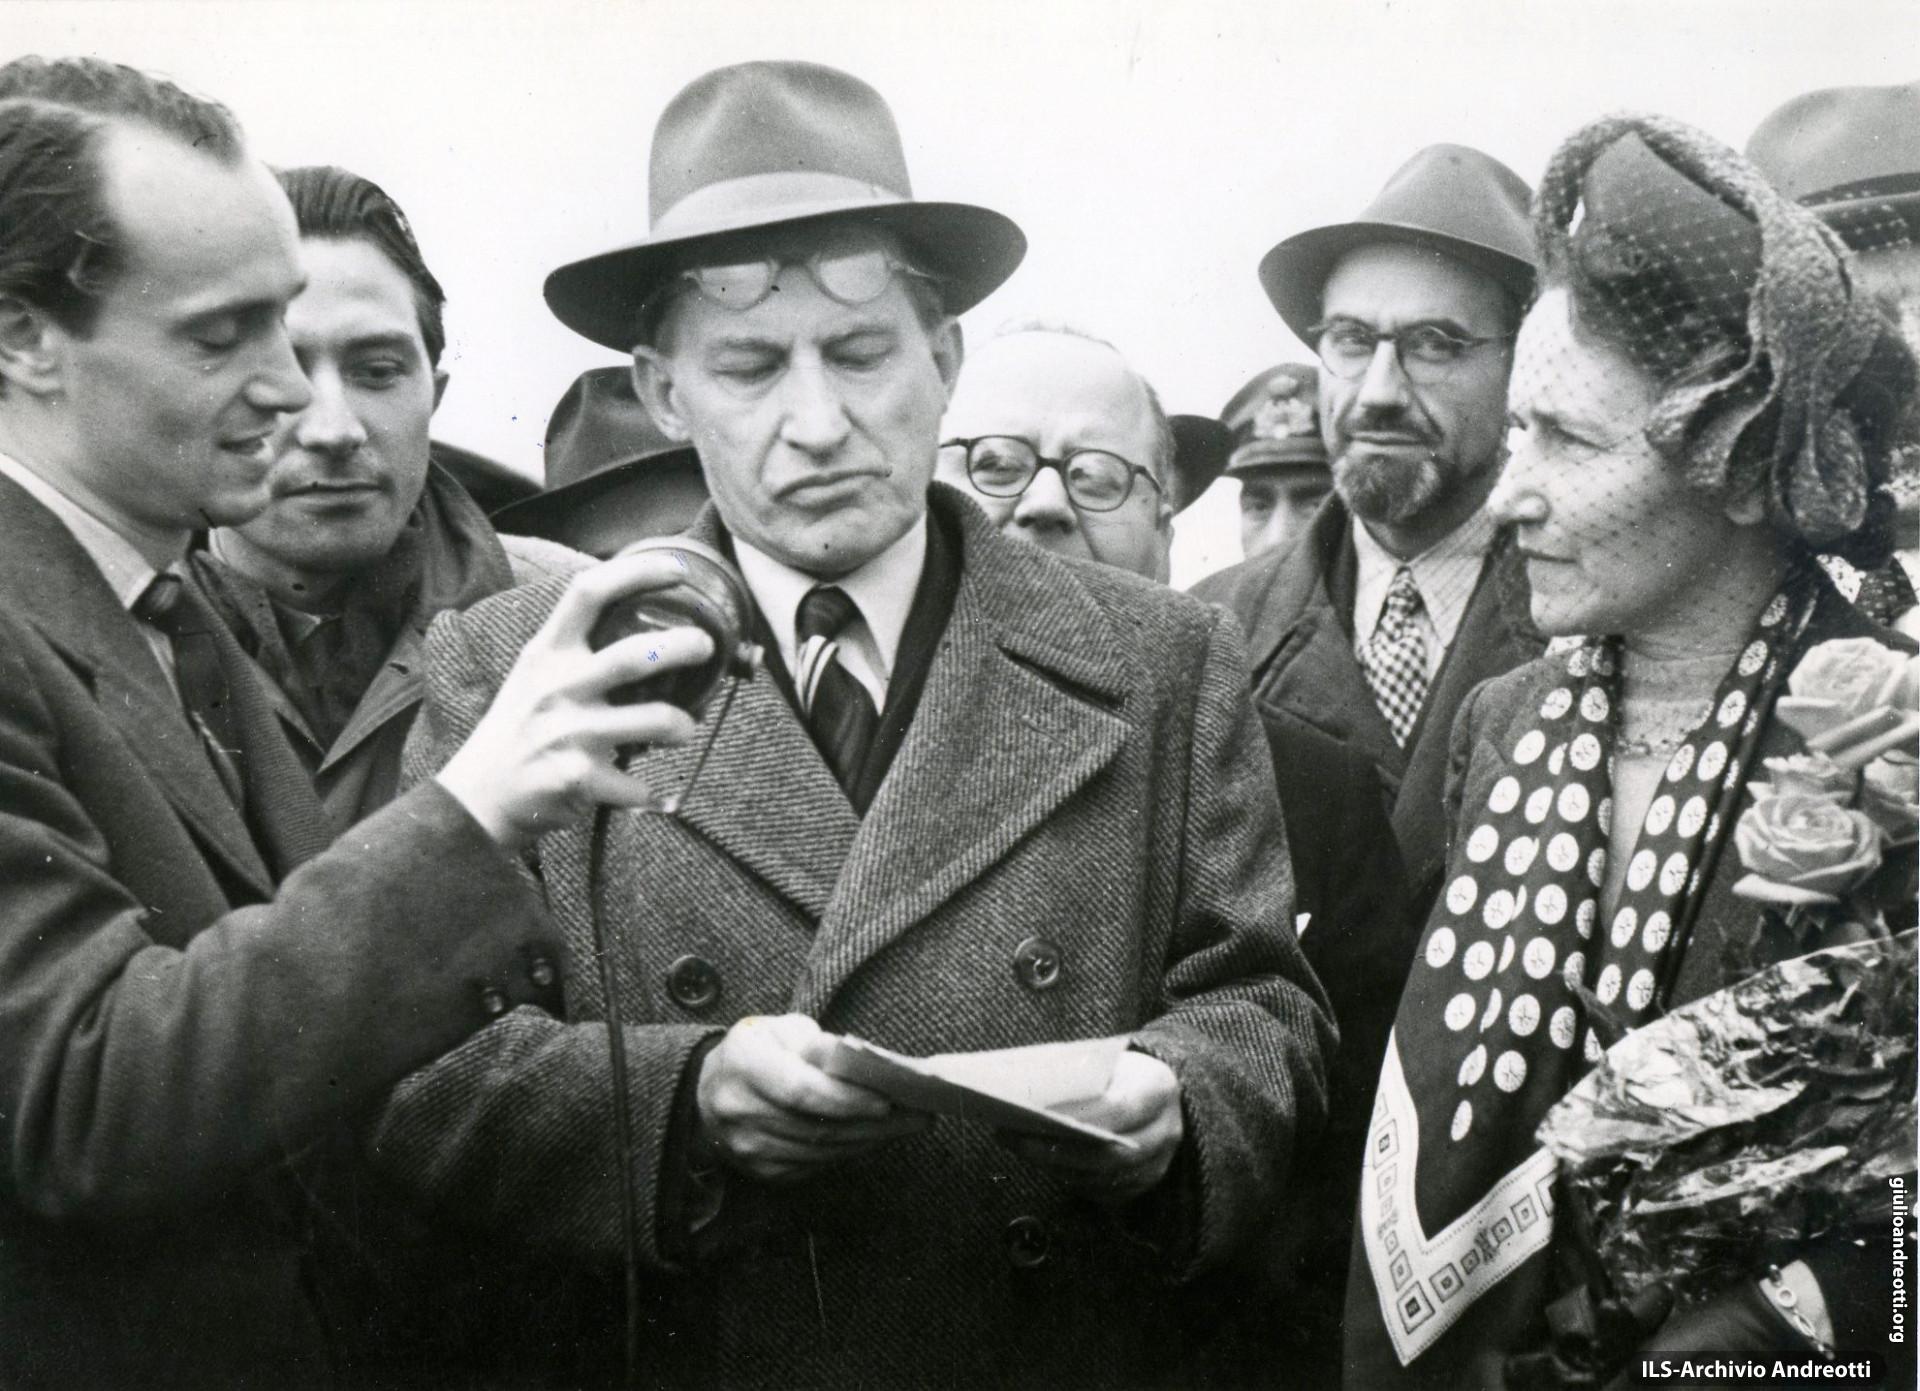 Maggio 1946. Andreotti accanto a De Gasperi mentre il Presidente parla alla radio dopo la partenza del re Umberto II.